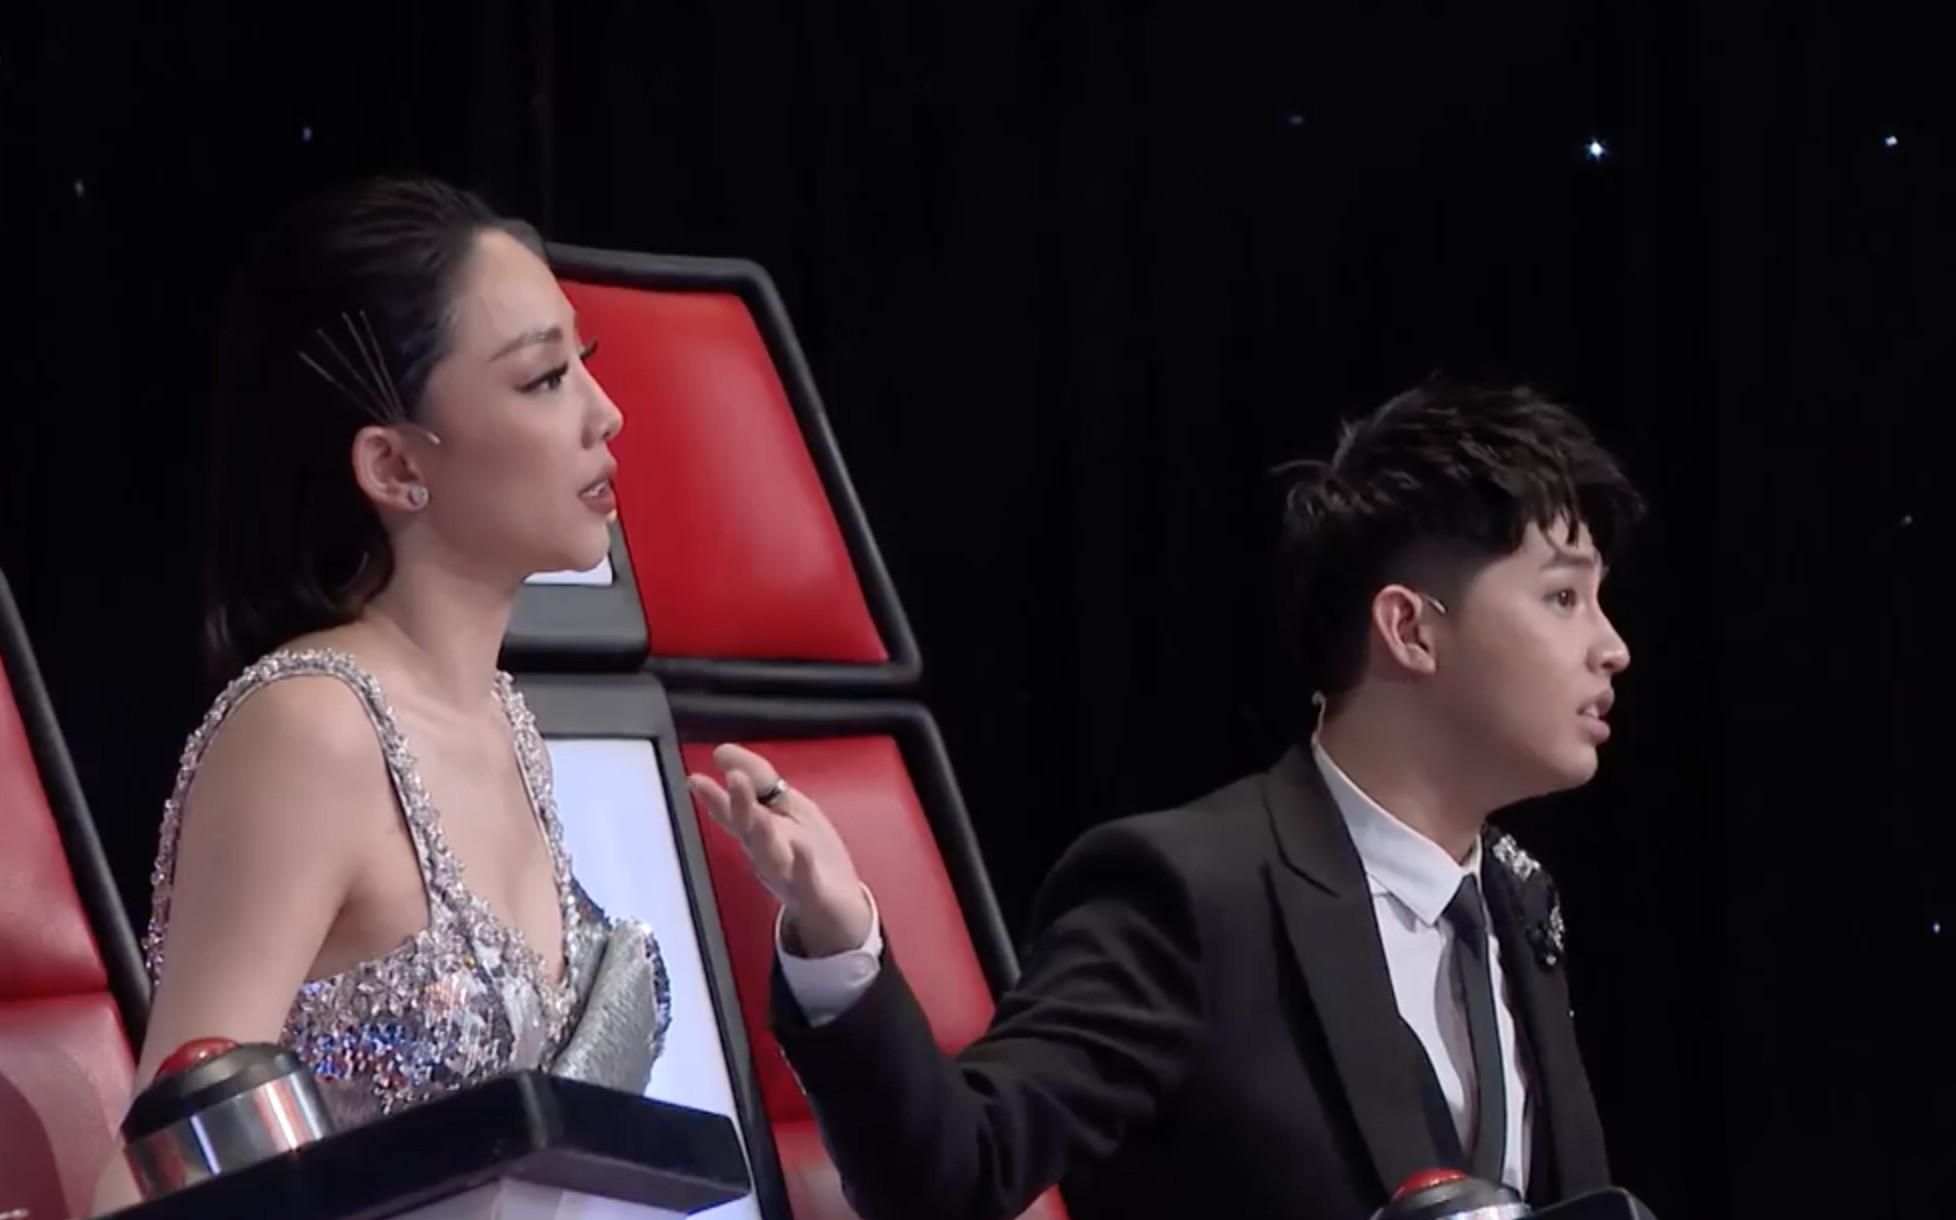 Giọng hát Việt: Noo Phước Thịnh - Tóc Tiên lại căng thẳng vì thí sinh giọng khủng - Ảnh 3.